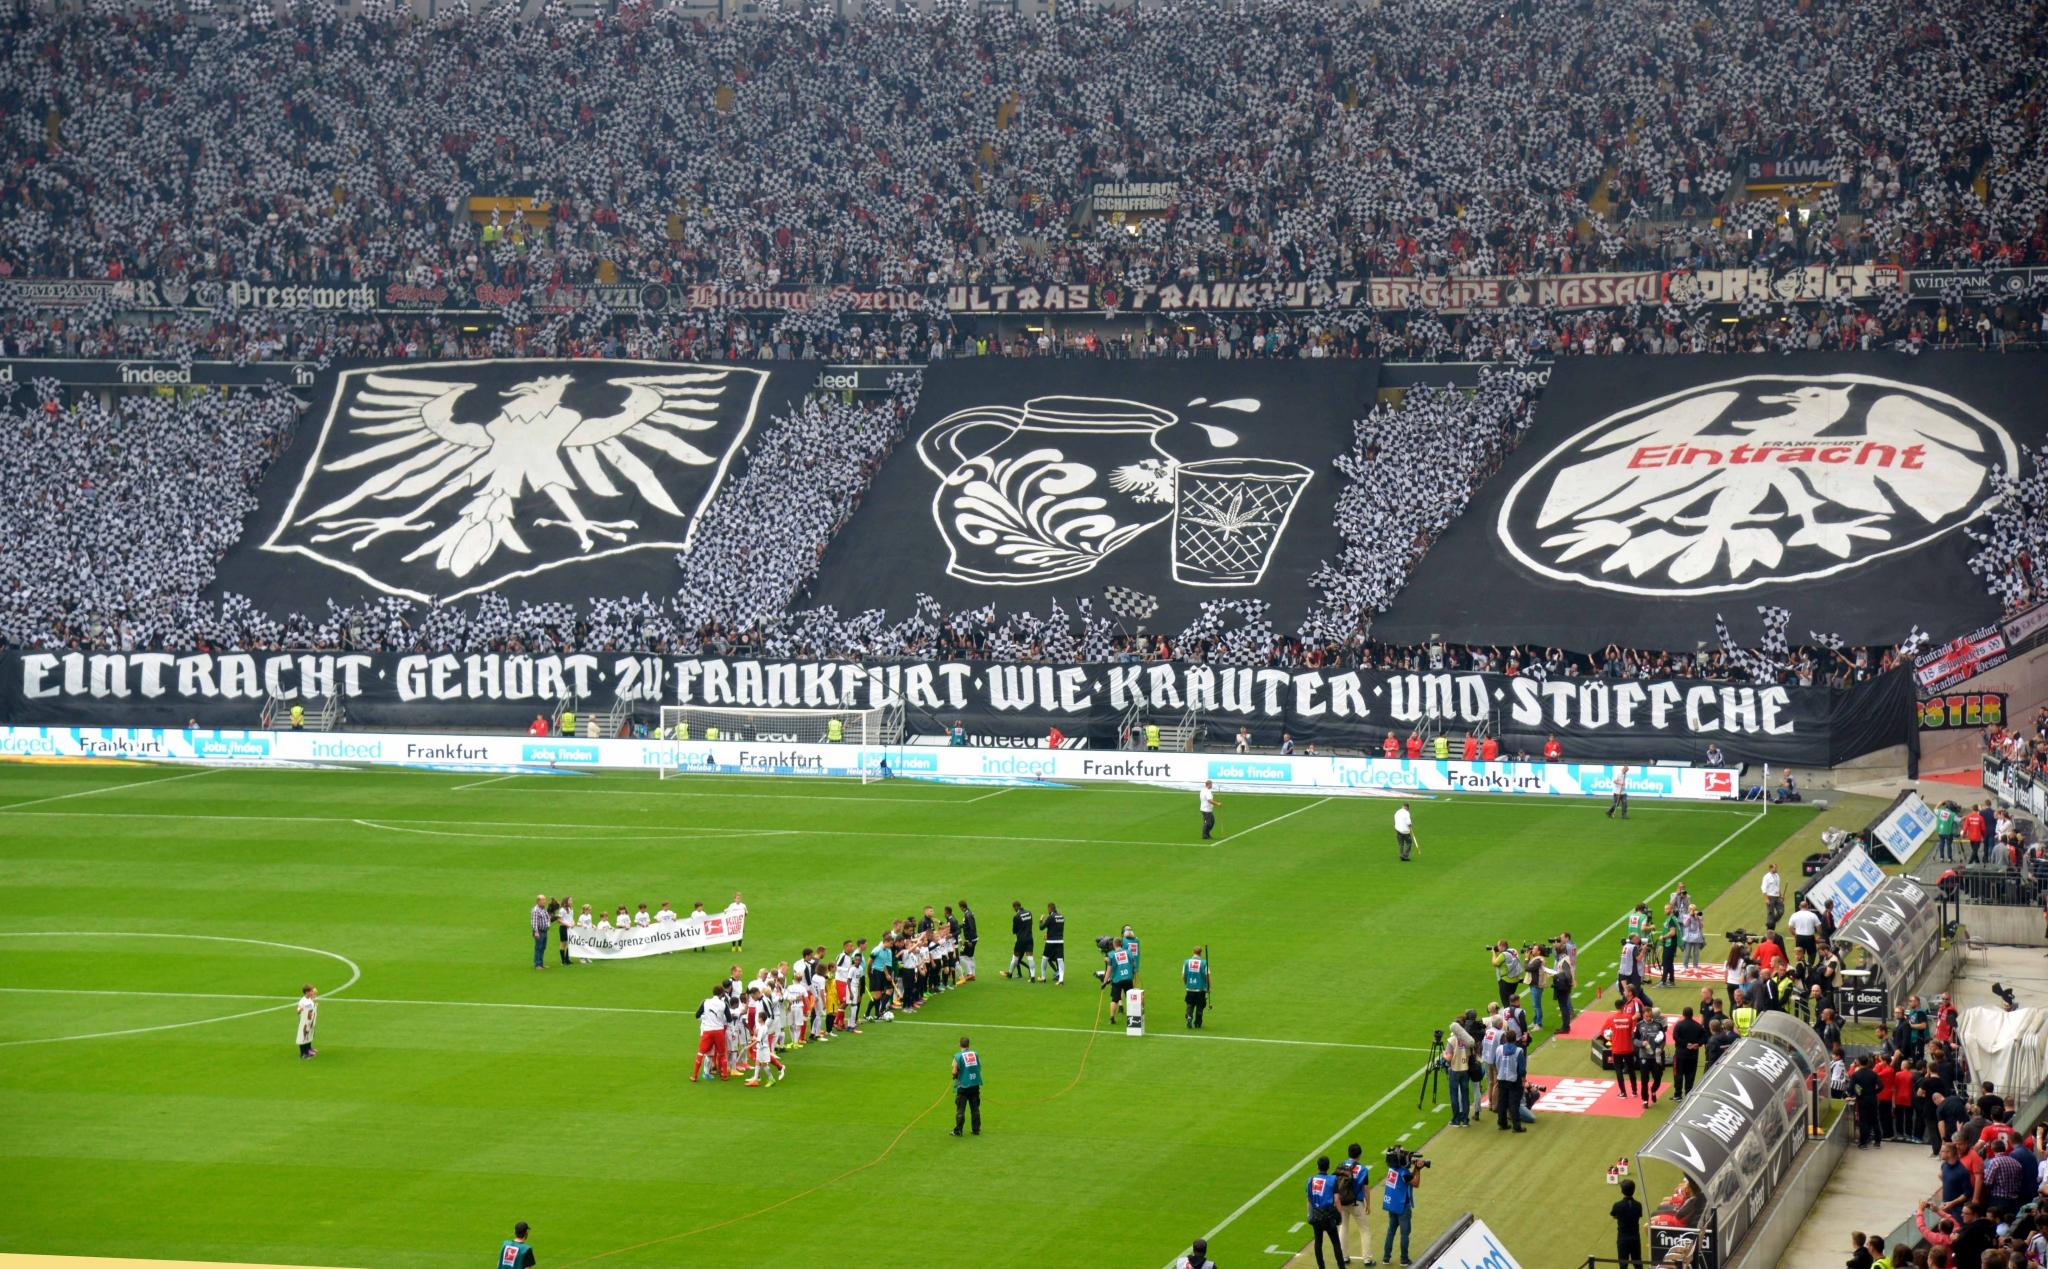 Spielergebnis Eintracht Frankfurt